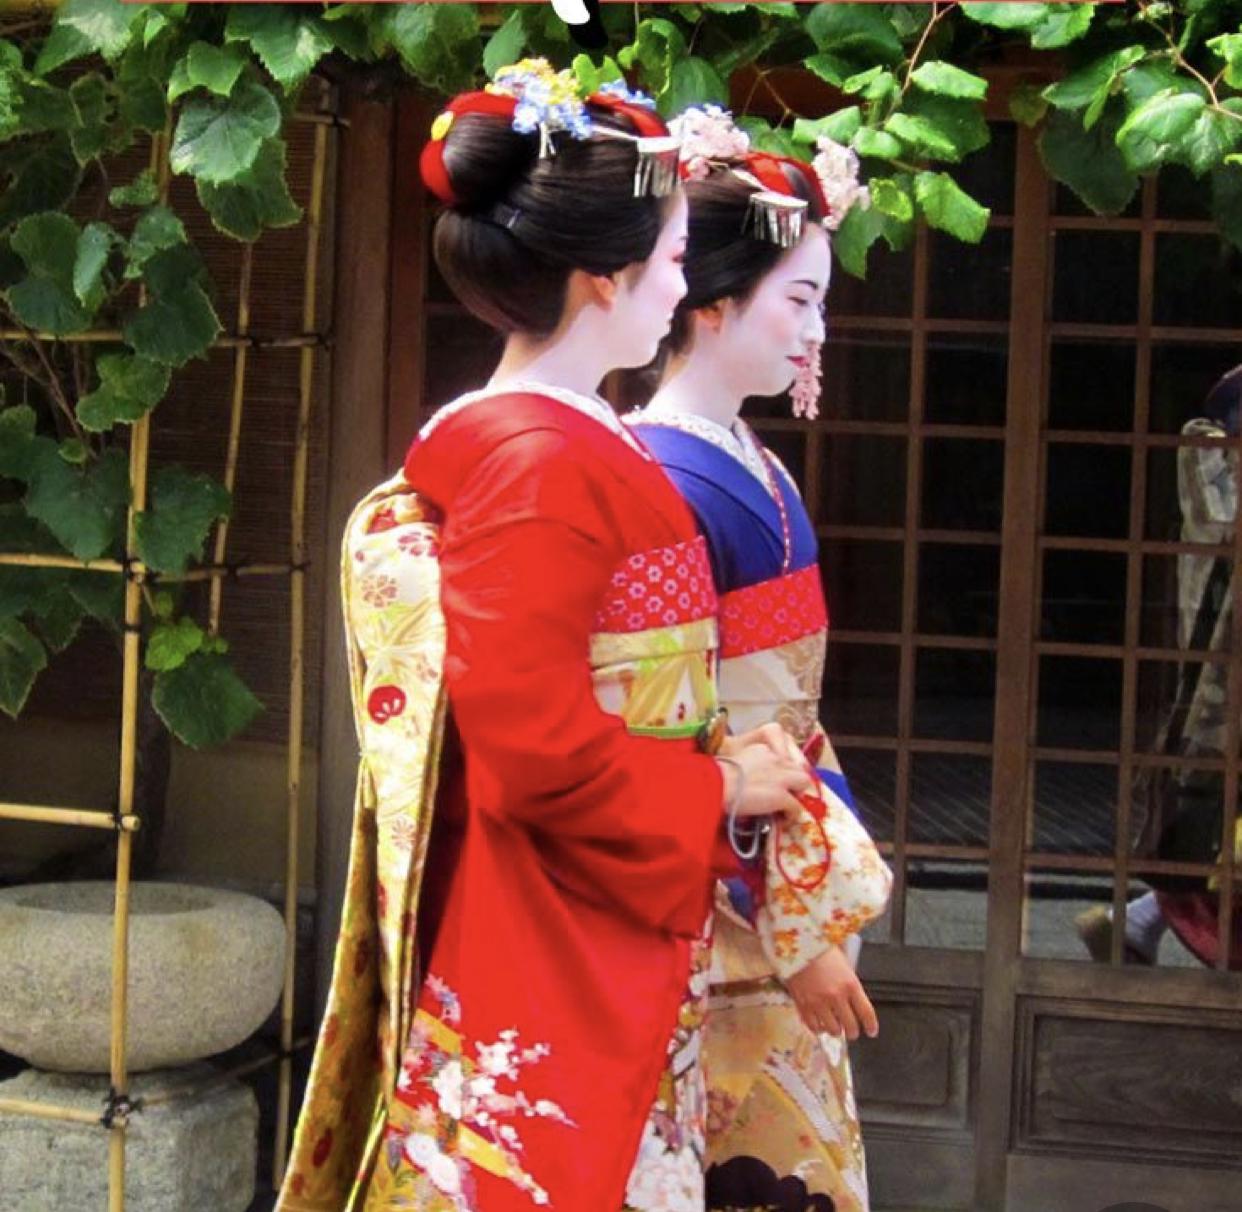 geishe kimono il mio viaggio in giappone traveltherapists